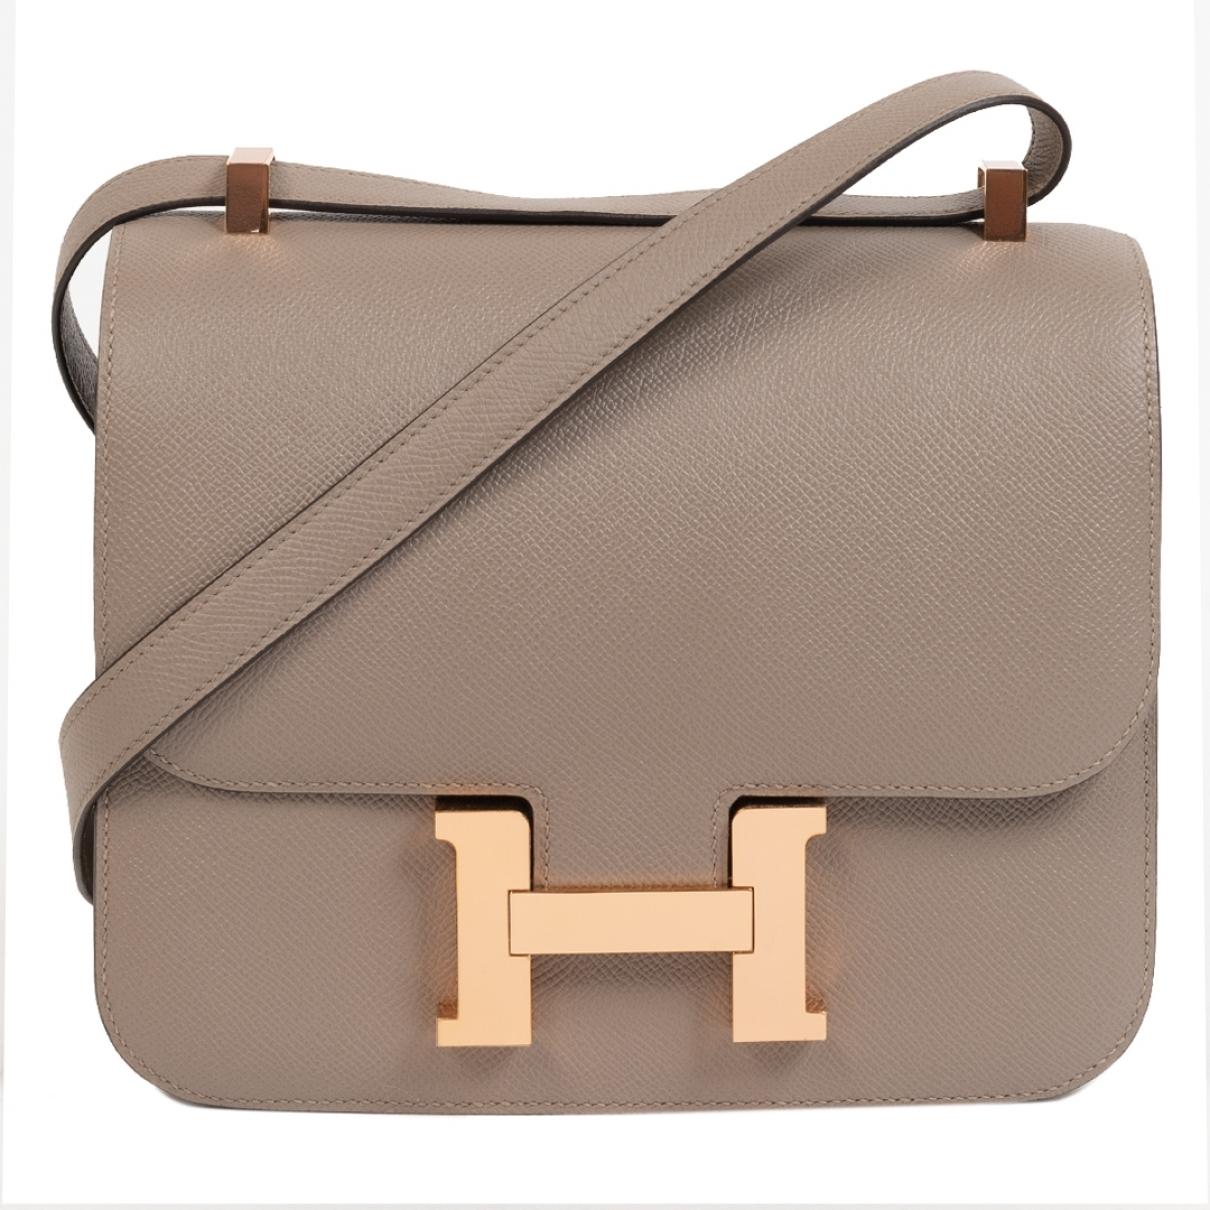 Hermes - Sac a main Constance pour femme en cuir - gris